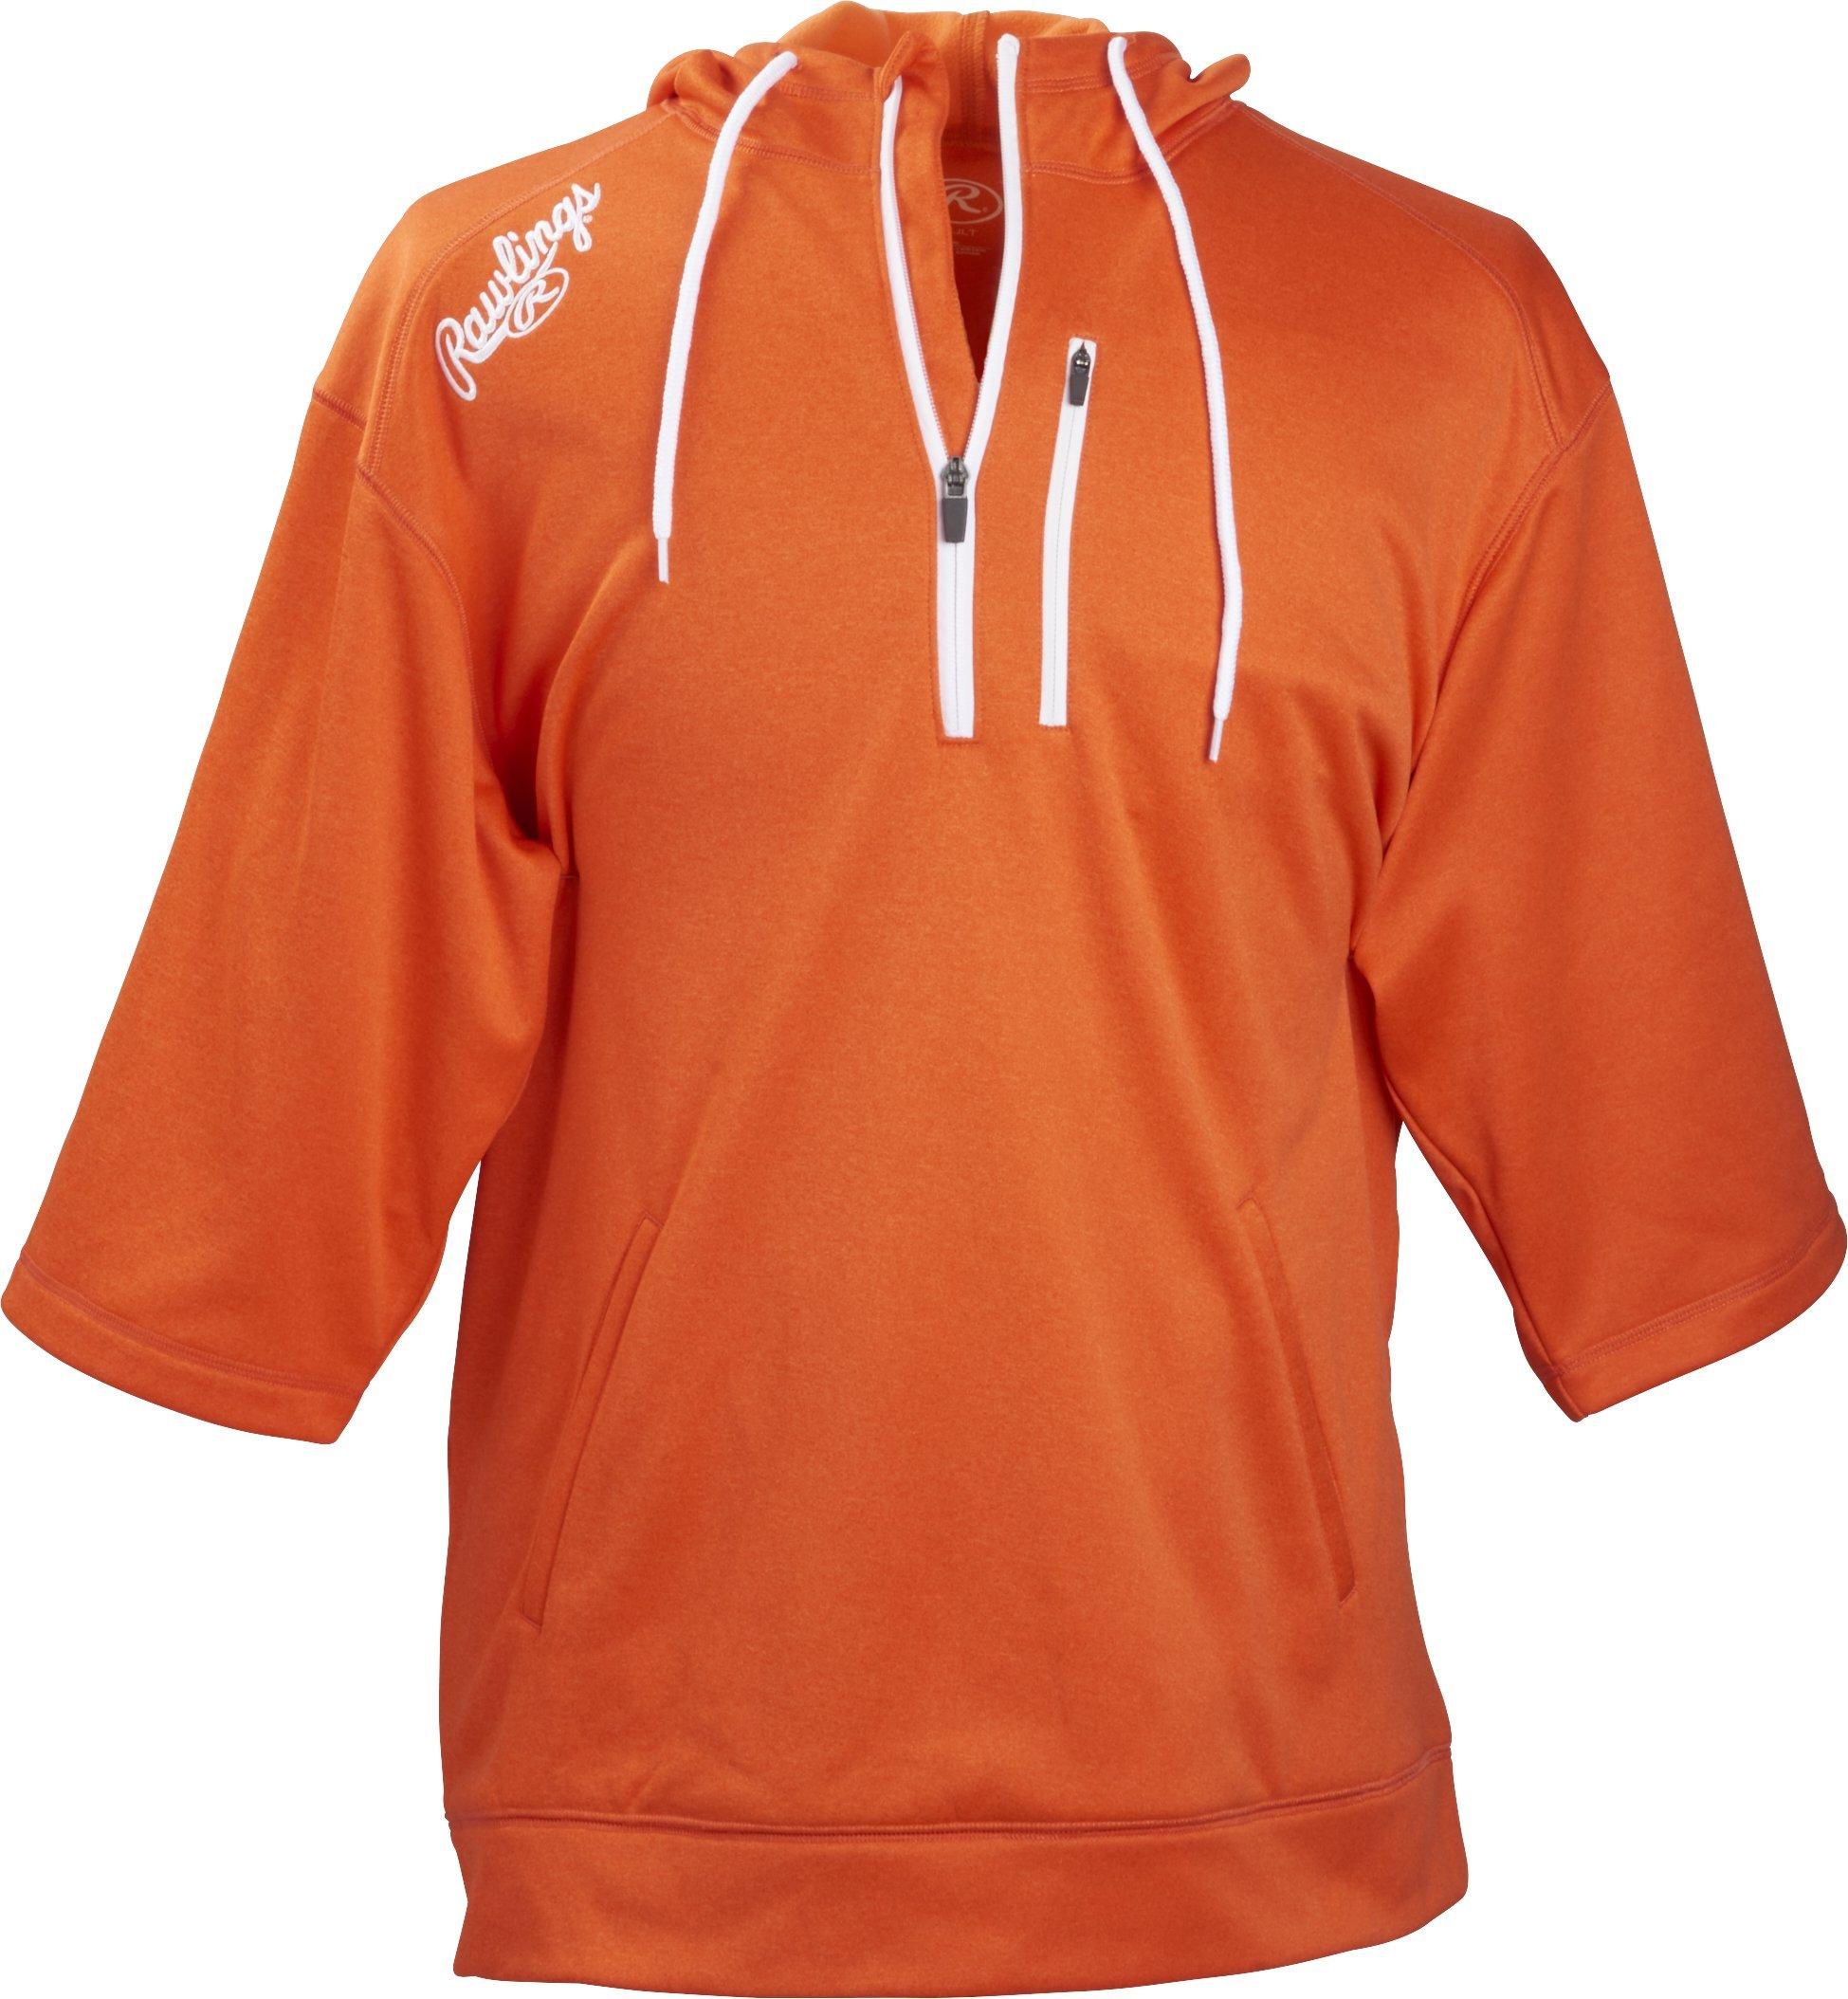 RAWLINGS Men's Short Sleeve Hoodie, Burnt Orange, 3X-Large by RAWLINGS